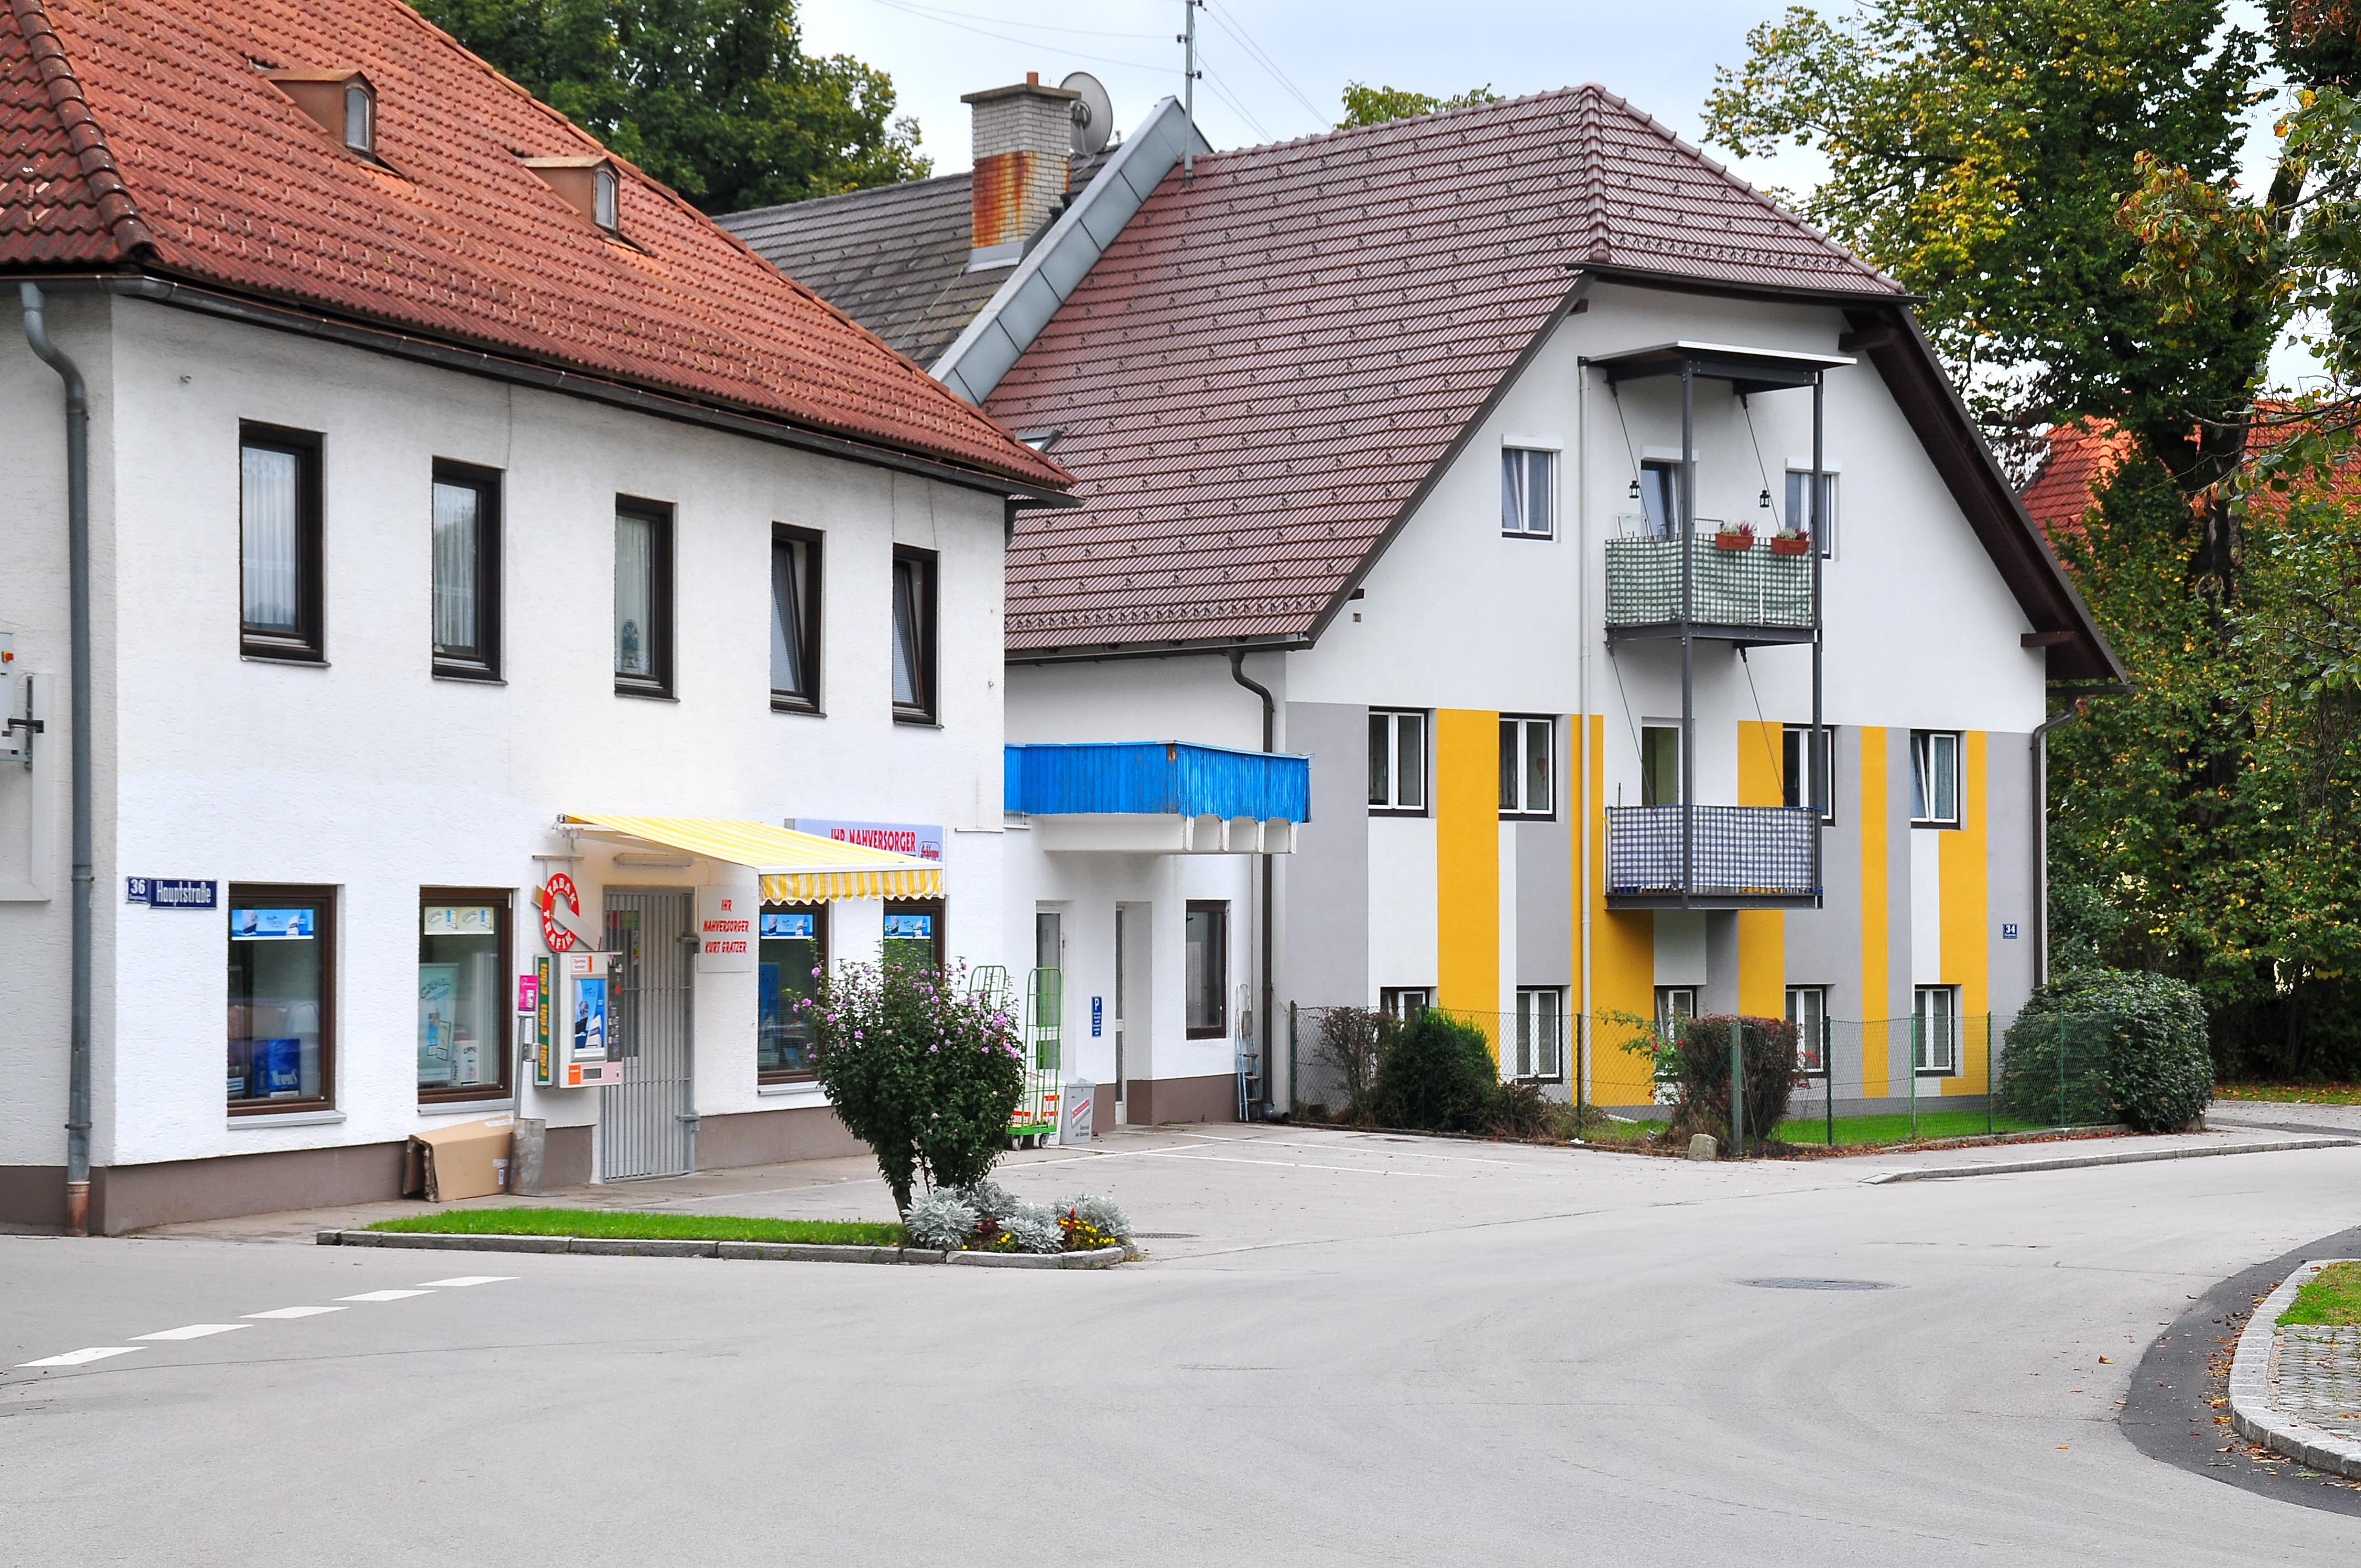 Frau sucht mann frs bett wlfnitz, Frau kennenlernen in obritzberg